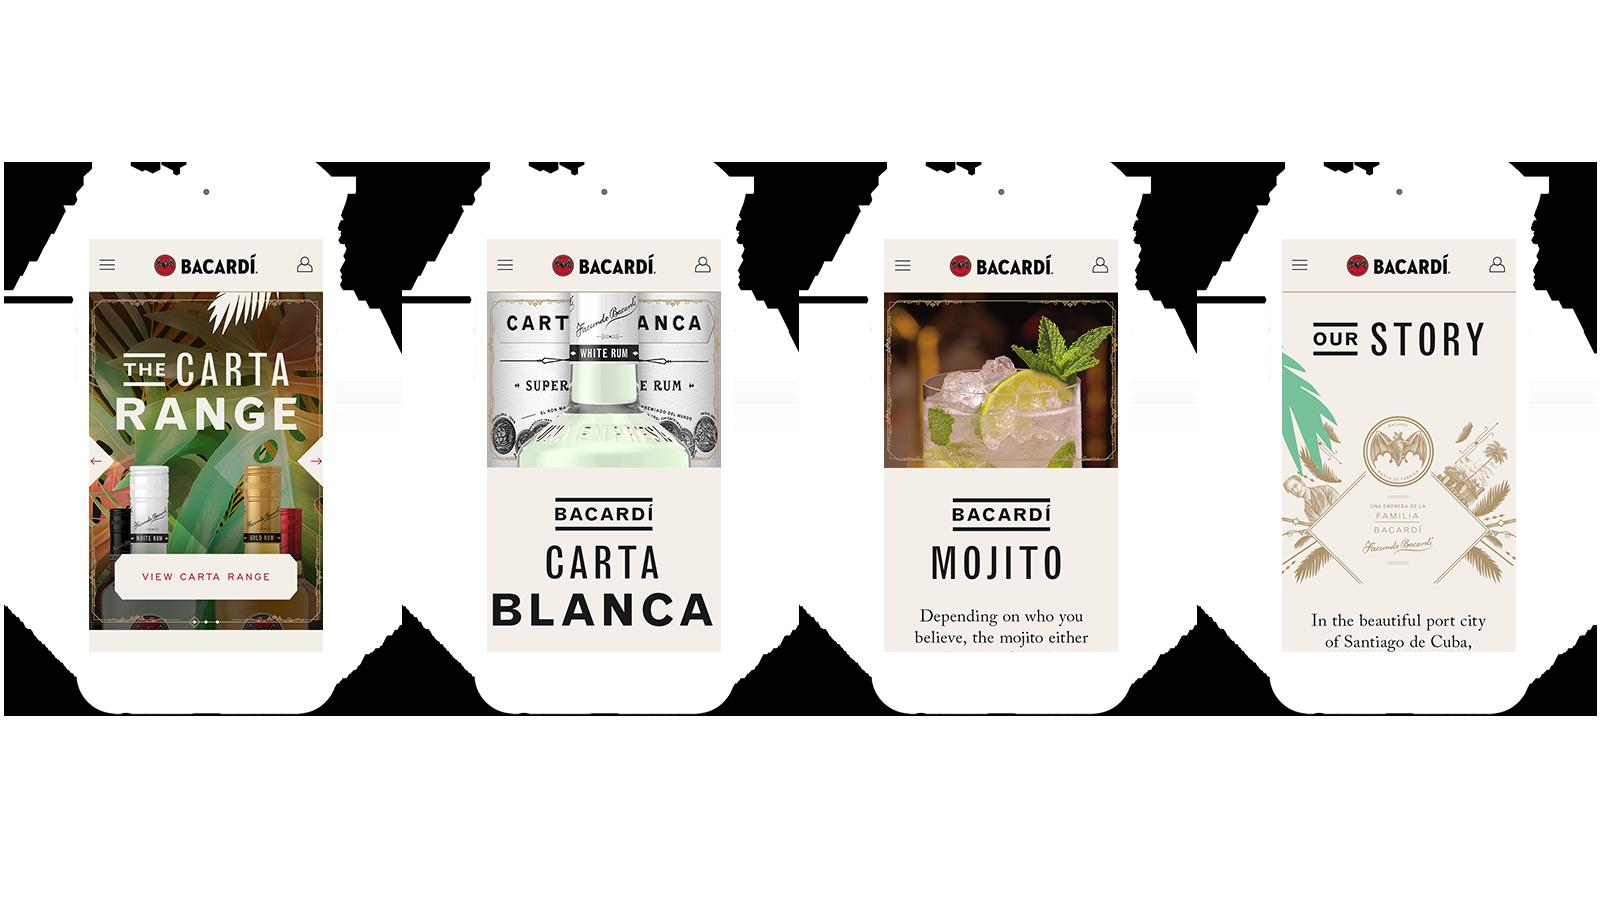 bacardi-image-mobiles